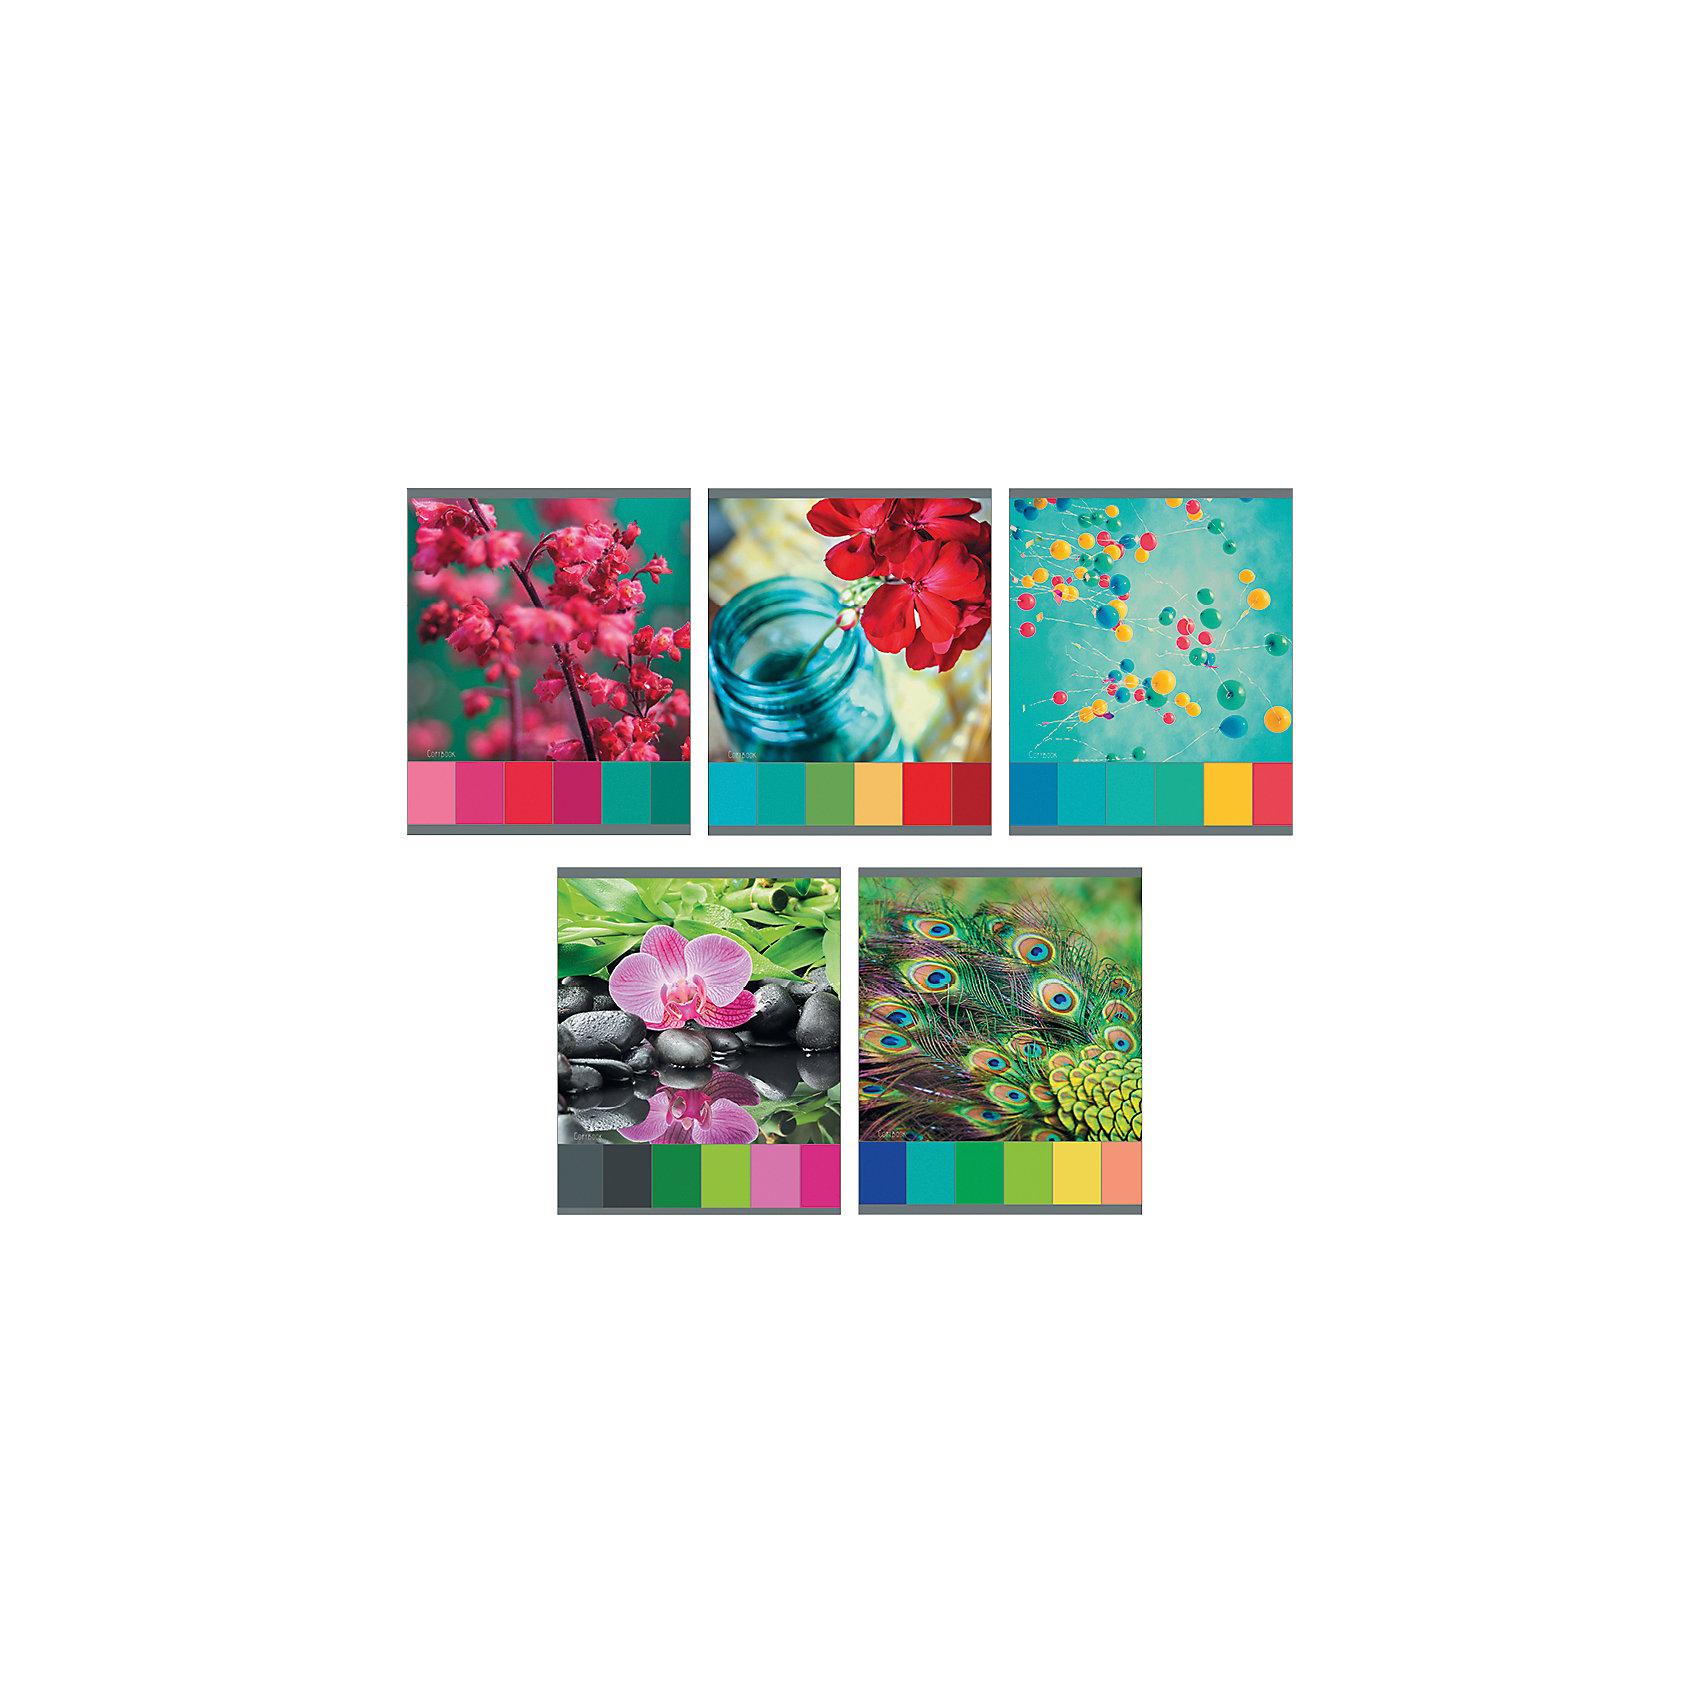 Комплект тетрадей Игра красок (10 шт), 48 листов, Канц-ЭксмоХарактеристики комплекта тетрадей Игра красок:<br><br>• размеры: 20.2х16.3х3.5 см<br>• количество листов: 48 шт.<br>• разлиновка: клетка<br>• формат: А 5 <br>• комплектация: тетрадь<br>• бумага: офсет, плотностью 60 г/м2.<br>• обложка: мелованный картон, выборочный лак.<br>• бренд: Канц-Эксмо<br>• страна бренда: Россия<br>• страна производителя: Россия<br><br>Комплект тетрадей Игра красок от производителя Канц-Эксмо выполнен в формате А5. Количество листов 48, тетради в клетку с полями. Крепление: скрепка. Обложка у изделий плотная - мелованный картон, выборочный лак <br><br>Комплект тетрадей Игра красок от производителя Канц-Эксмо можно купить в нашем интернет-магазине.<br><br>Ширина мм: 202<br>Глубина мм: 165<br>Высота мм: 50<br>Вес г: 103<br>Возраст от месяцев: 72<br>Возраст до месяцев: 2147483647<br>Пол: Женский<br>Возраст: Детский<br>SKU: 5448424